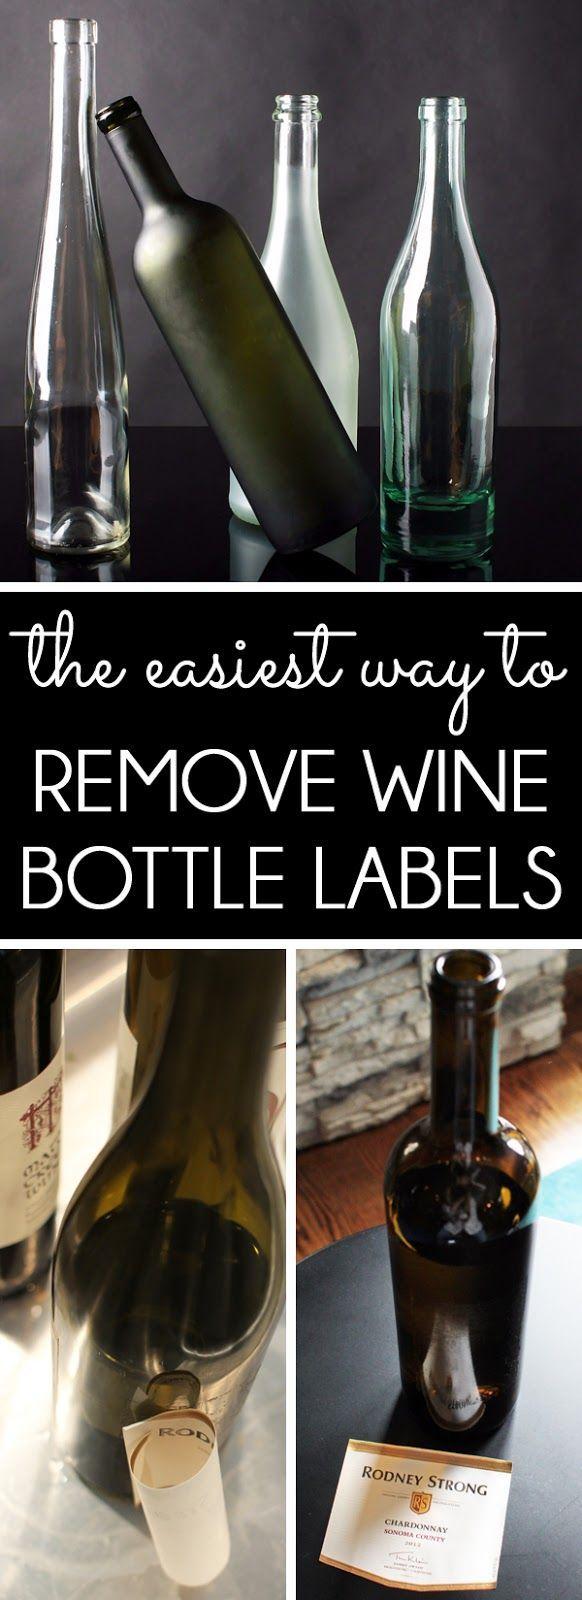 Diy Wine Bottle Labels Best 25 Wine Bottle Labels Ideas On Pinterest Wine Bottle